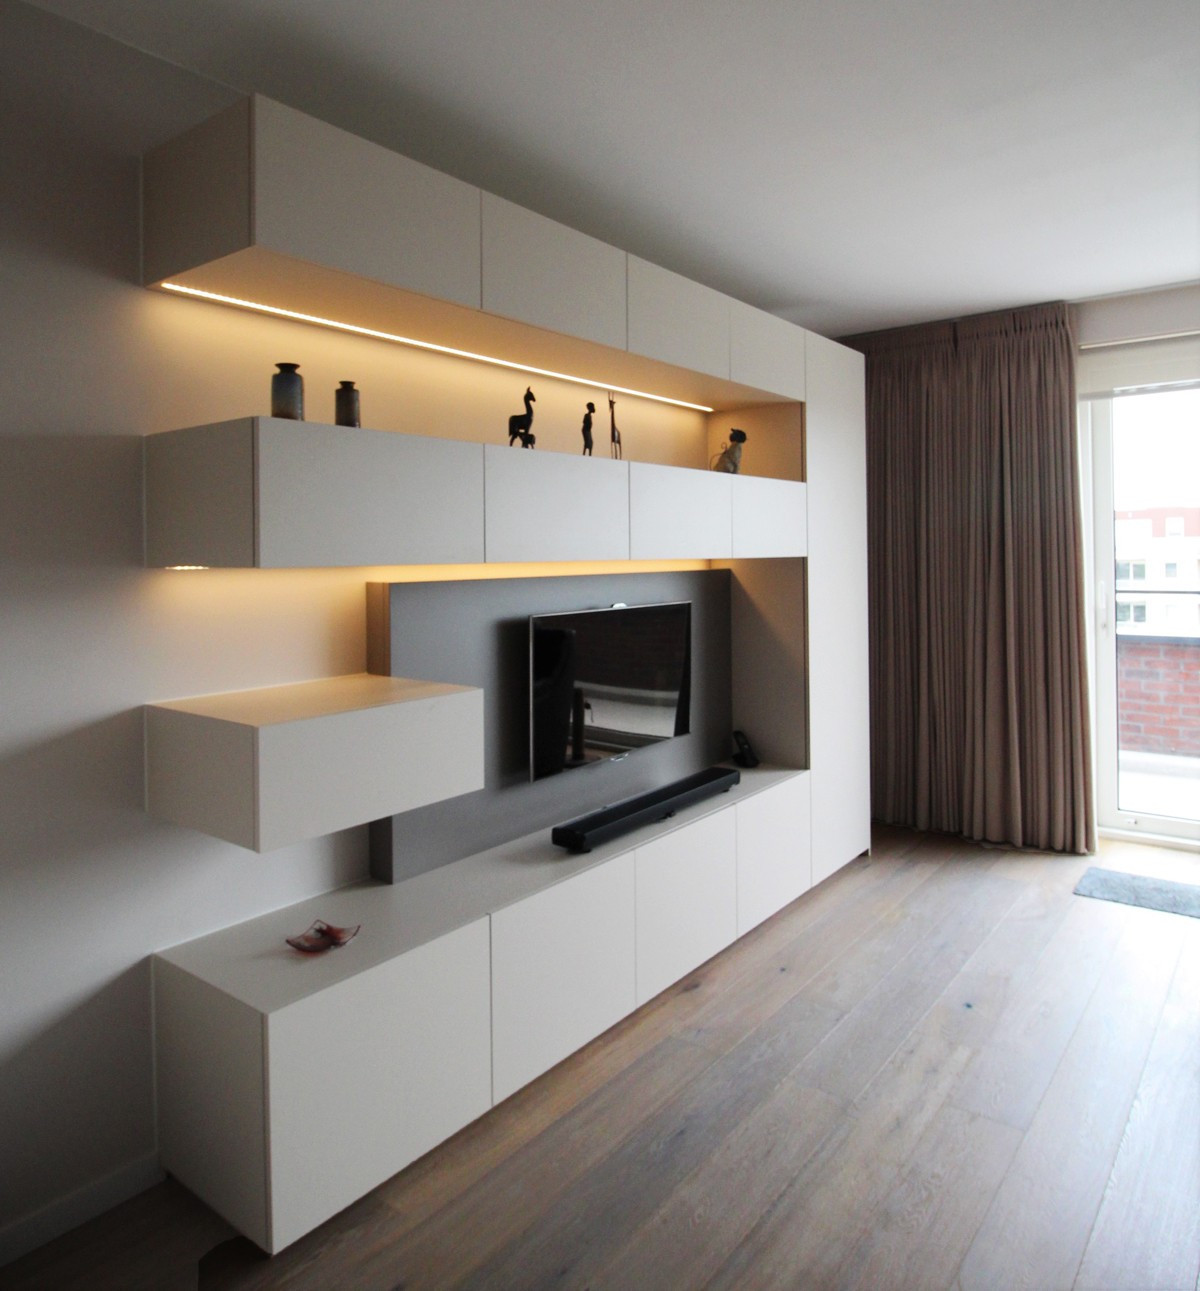 Tv meubel met sfeerverlichting kast id kasten for Wand woonkamer